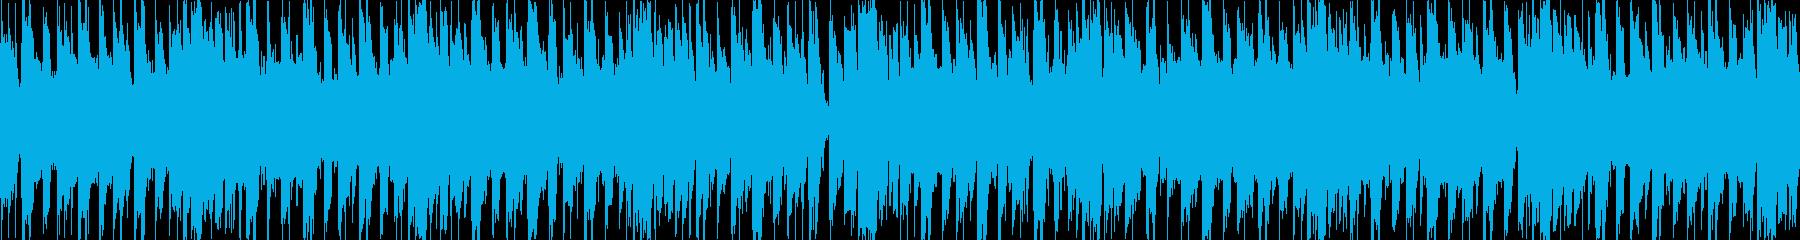 ダブステップLOOPの再生済みの波形